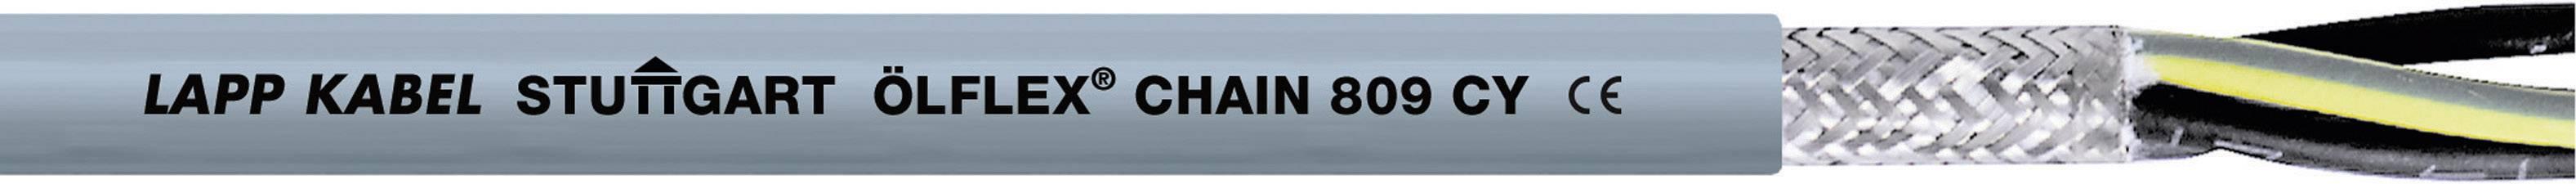 Žíla kabelu LappKabel ÖLFLEX CHAIN 809 CY 5G1,5 (1026778), 5x 1,5 mm², PVC, Ø 9,1 mm, stíněný, 100 m, šedá